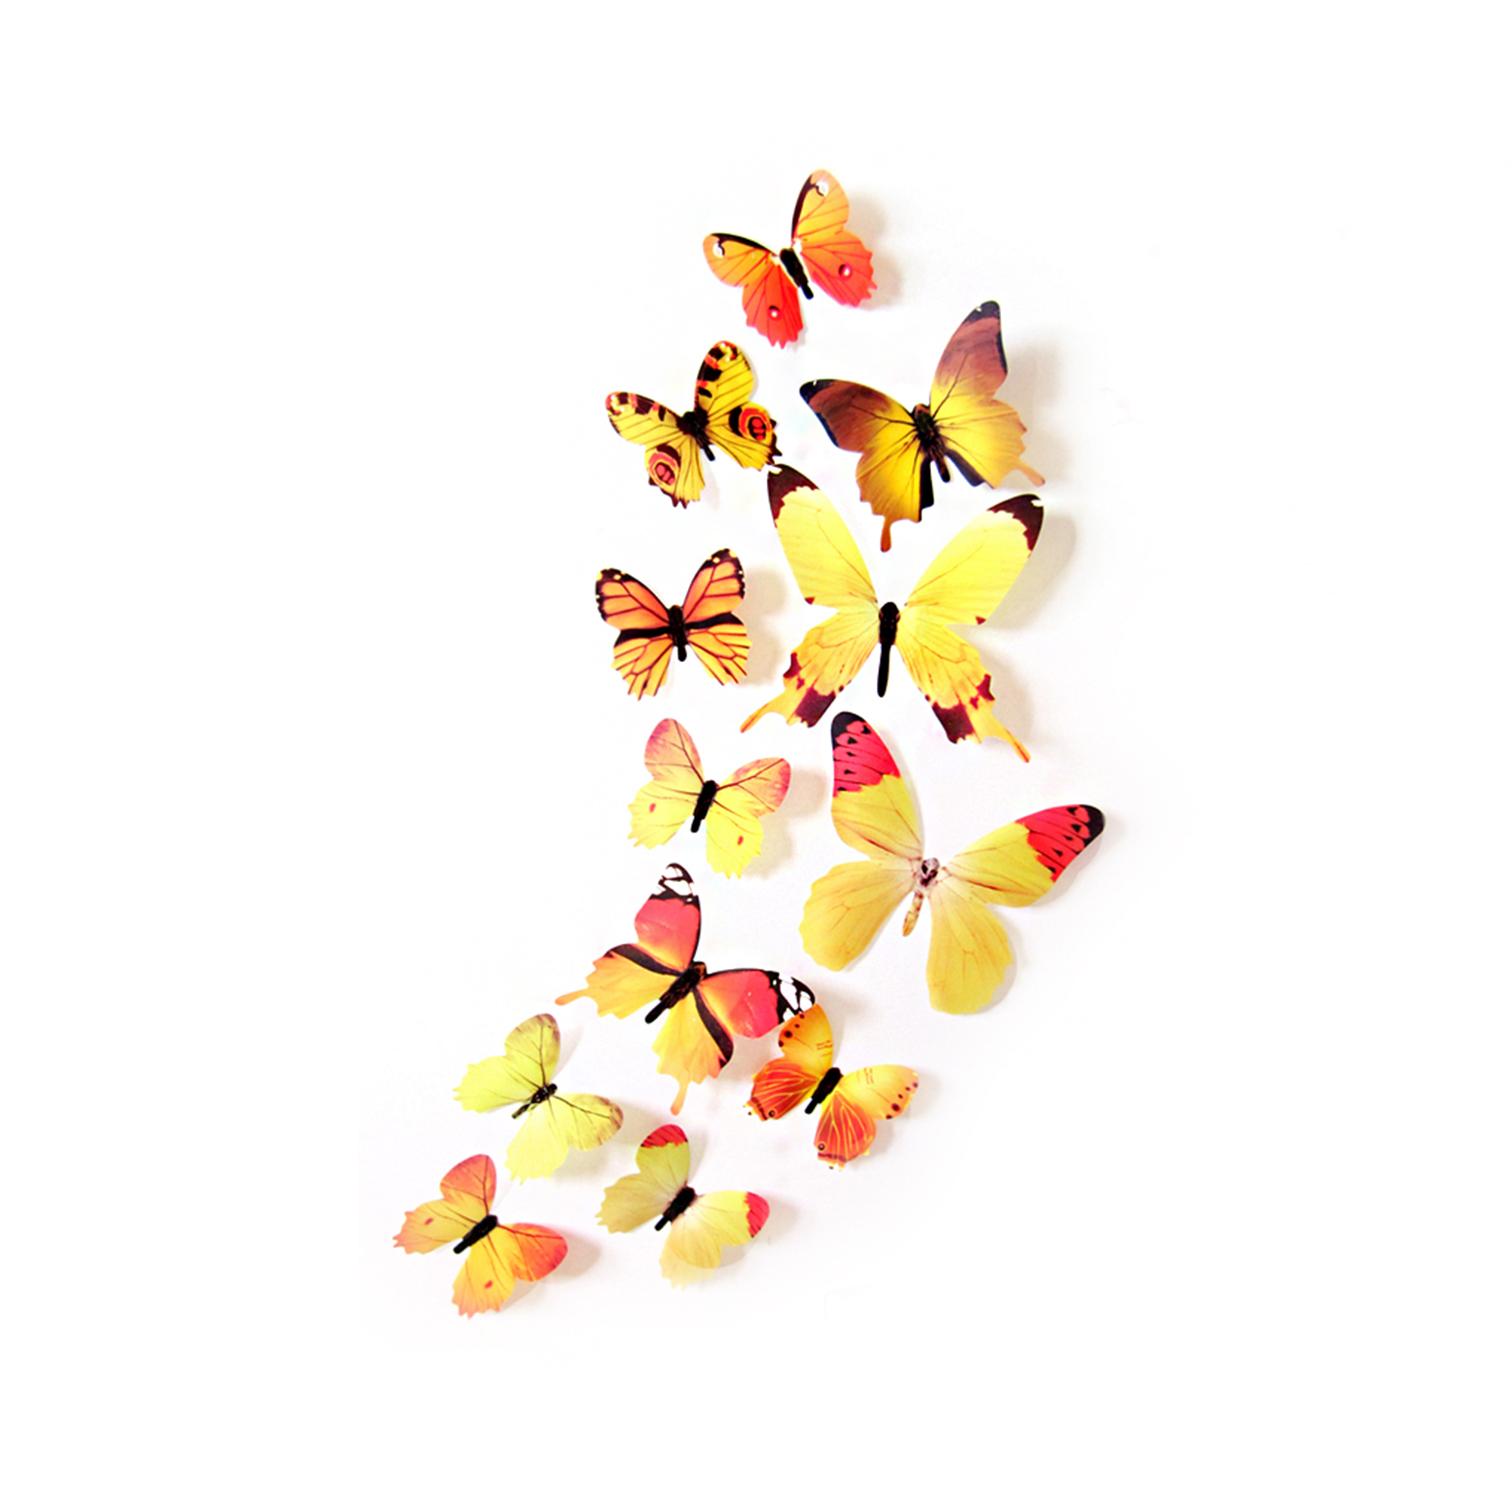 3D-Schmetterlinge-Blumen-12er-Set-Dekoration-Wandtattoo-Wandsticker-Wanddeko Indexbild 16